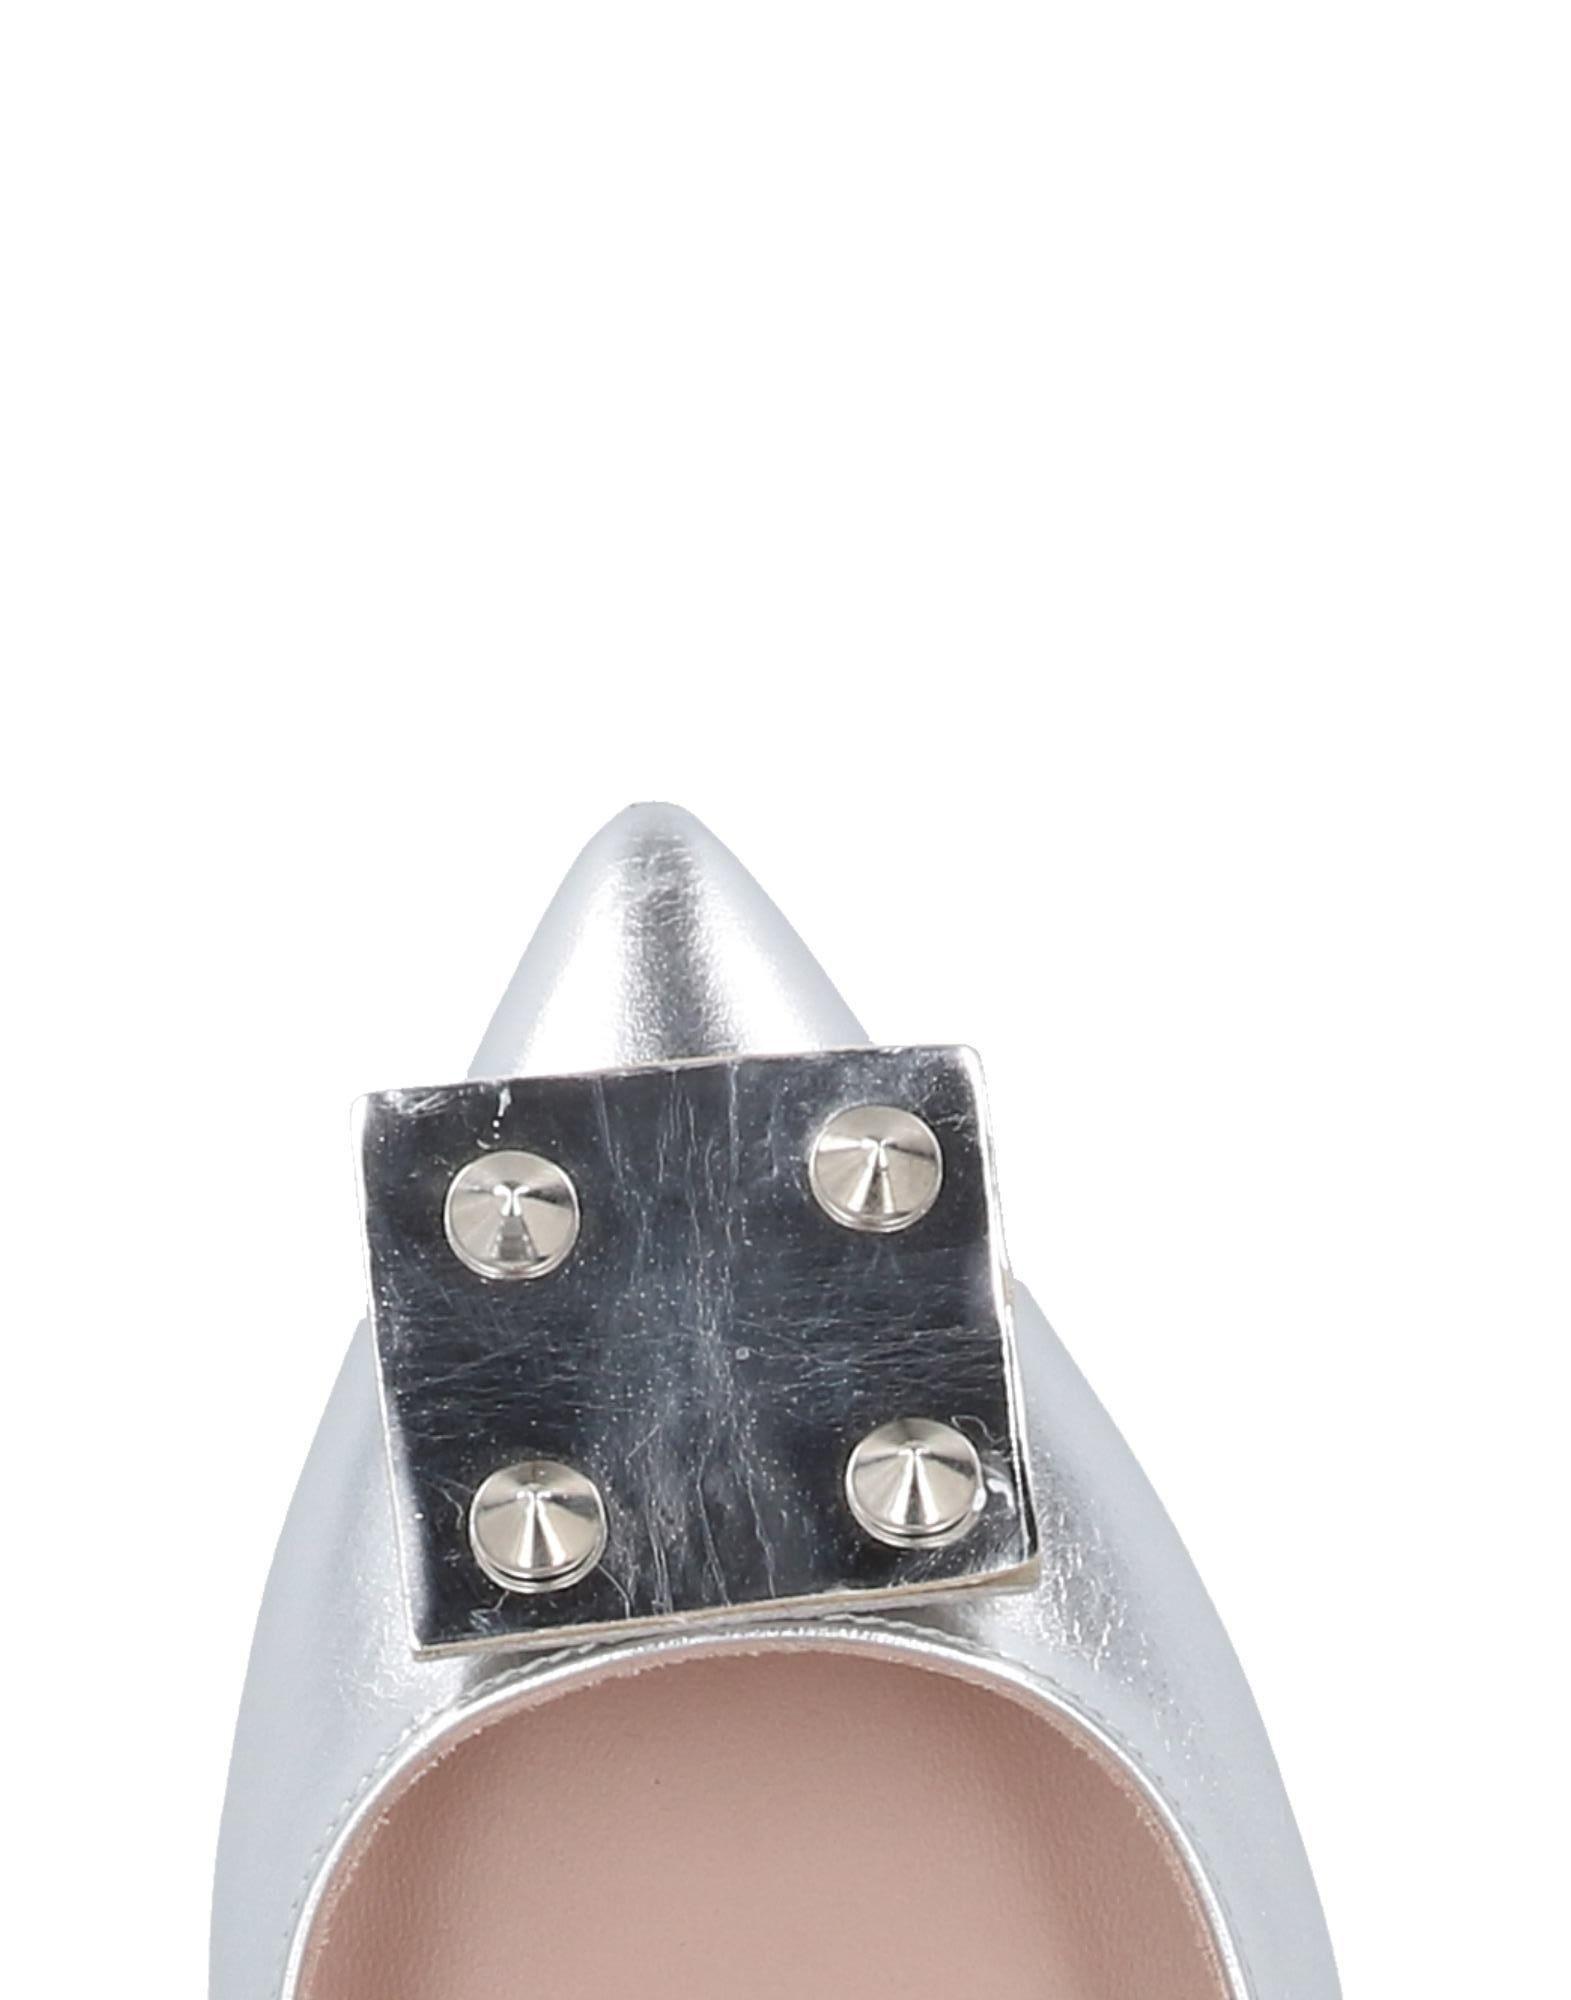 Islo Isabella Lorusso Qualität Pumps Damen  11480689DV Gute Qualität Lorusso beliebte Schuhe 640c84